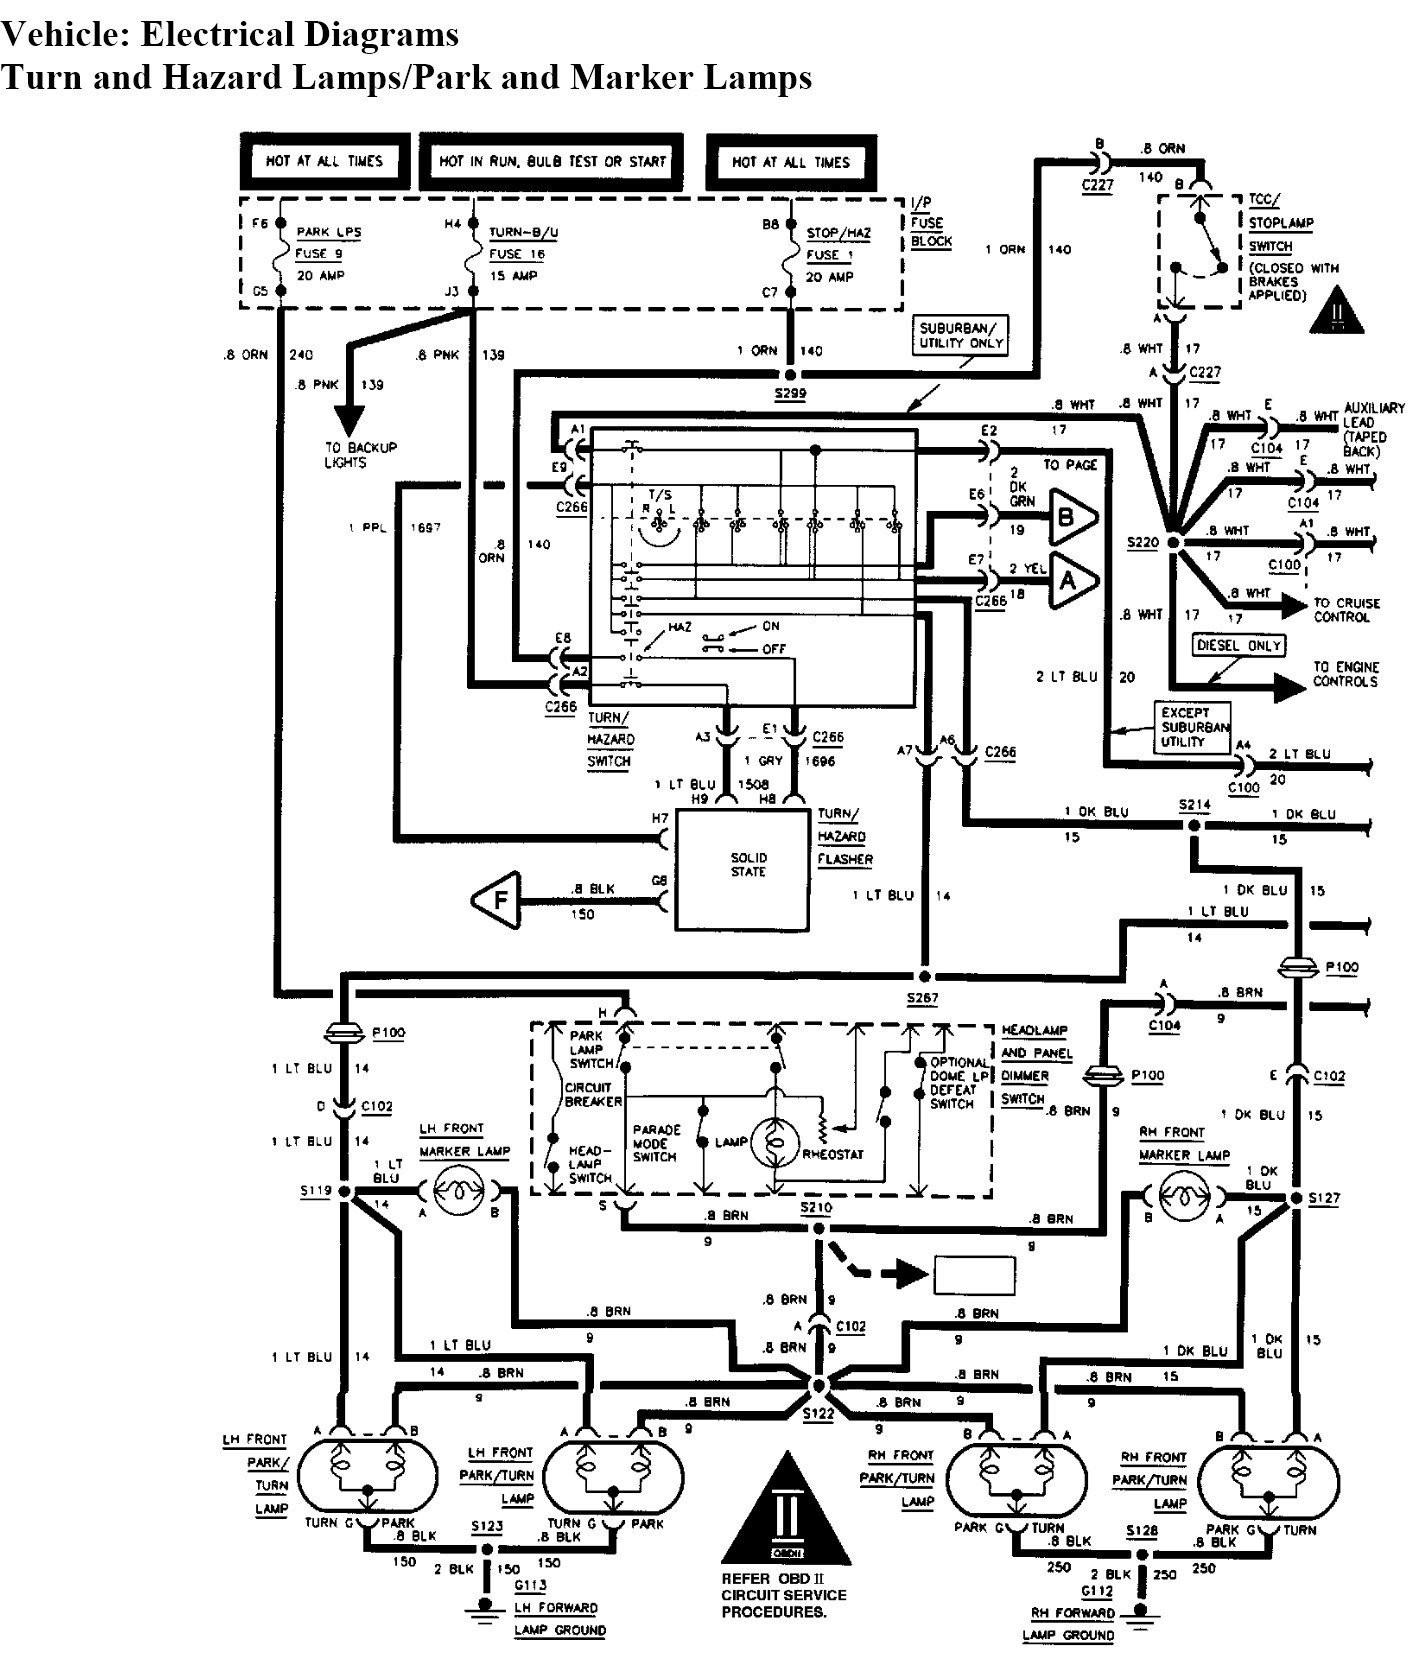 2000 chevy silverado brake light switch wiring diagram new brake light switch wiring diagram wiring of